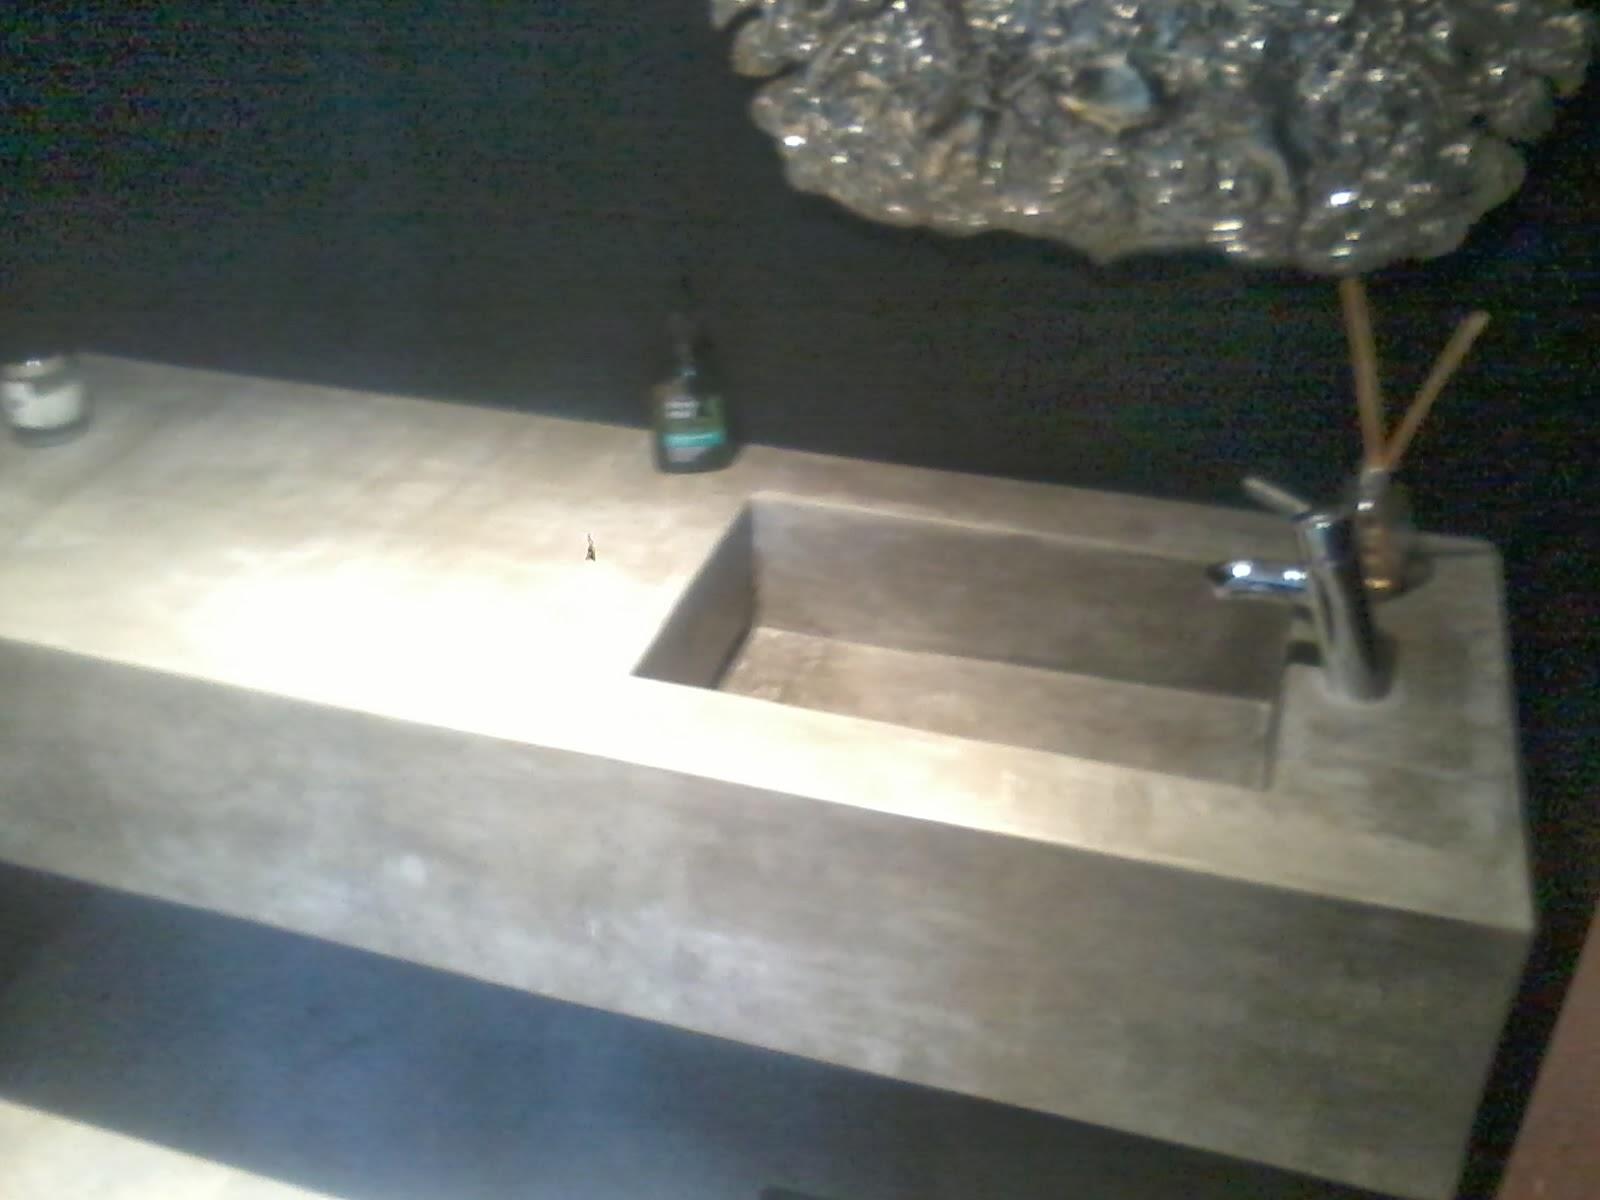 Baños Con Tina De Cemento:Mesadas de cemento para baños y cocinas Estas se hacen a pedido y a